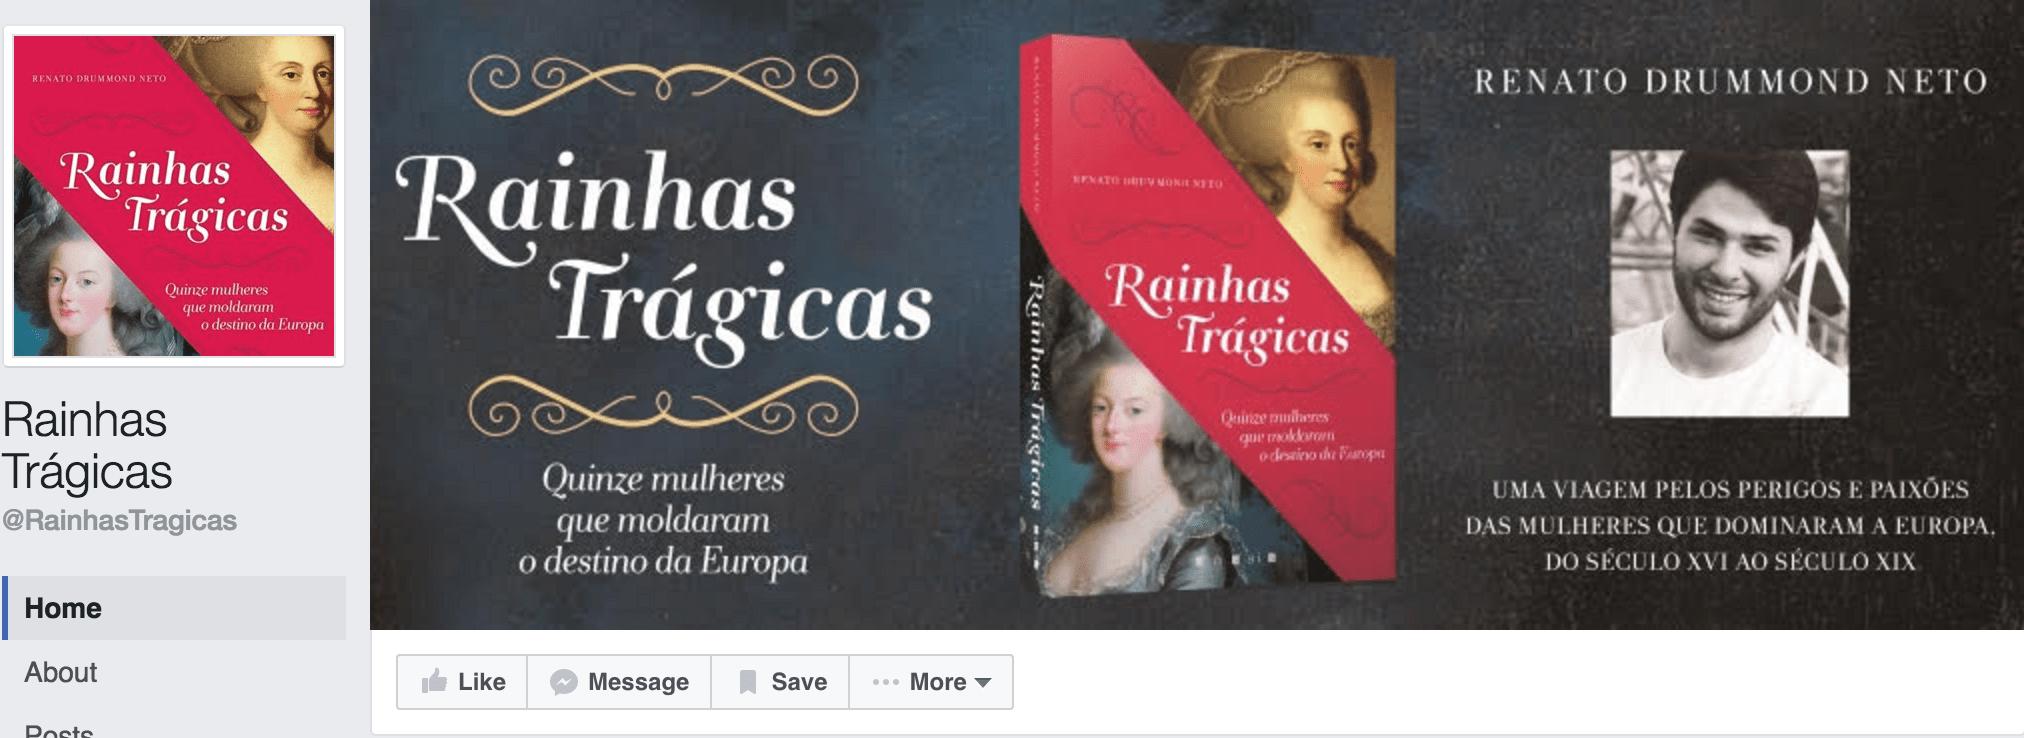 Pagina-Facebook-Rainhas-Tragicas.png